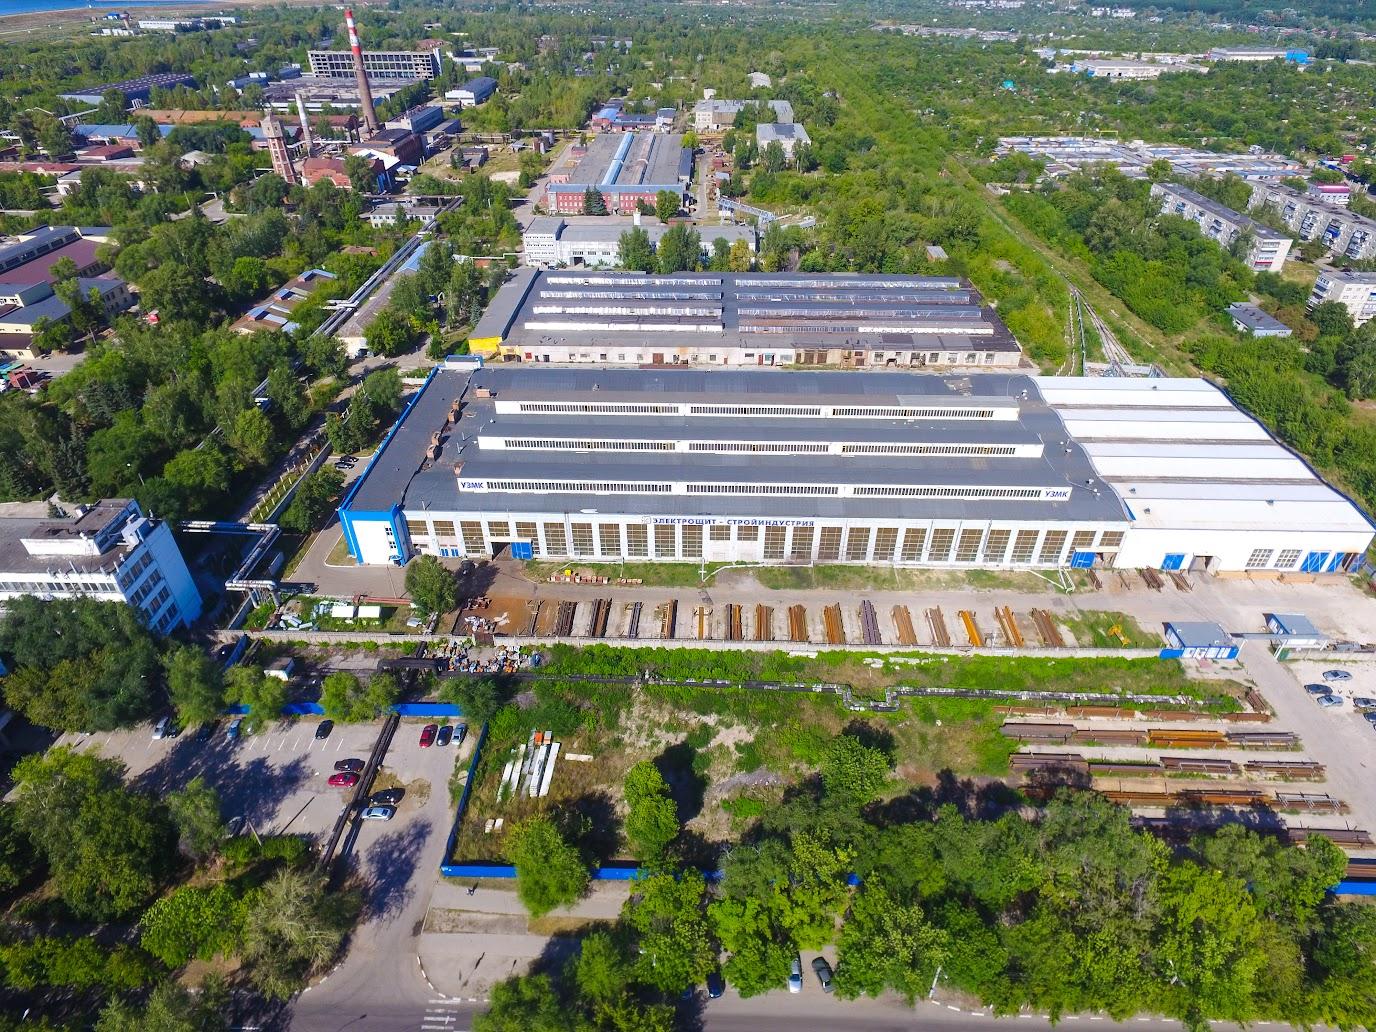 УЗМК Электрощит, Ульяновск